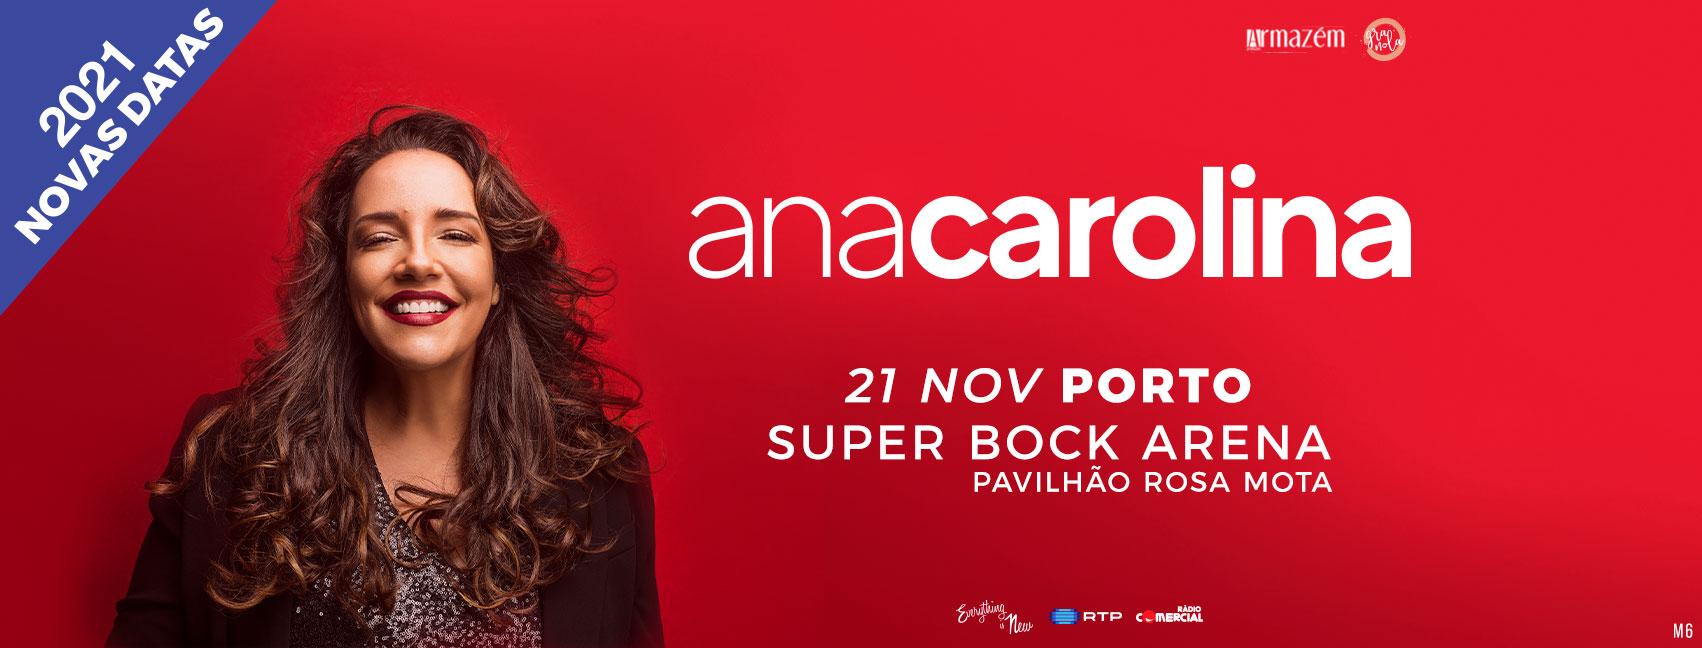 Nova Data: Ana Carolina // Super Bock Arena